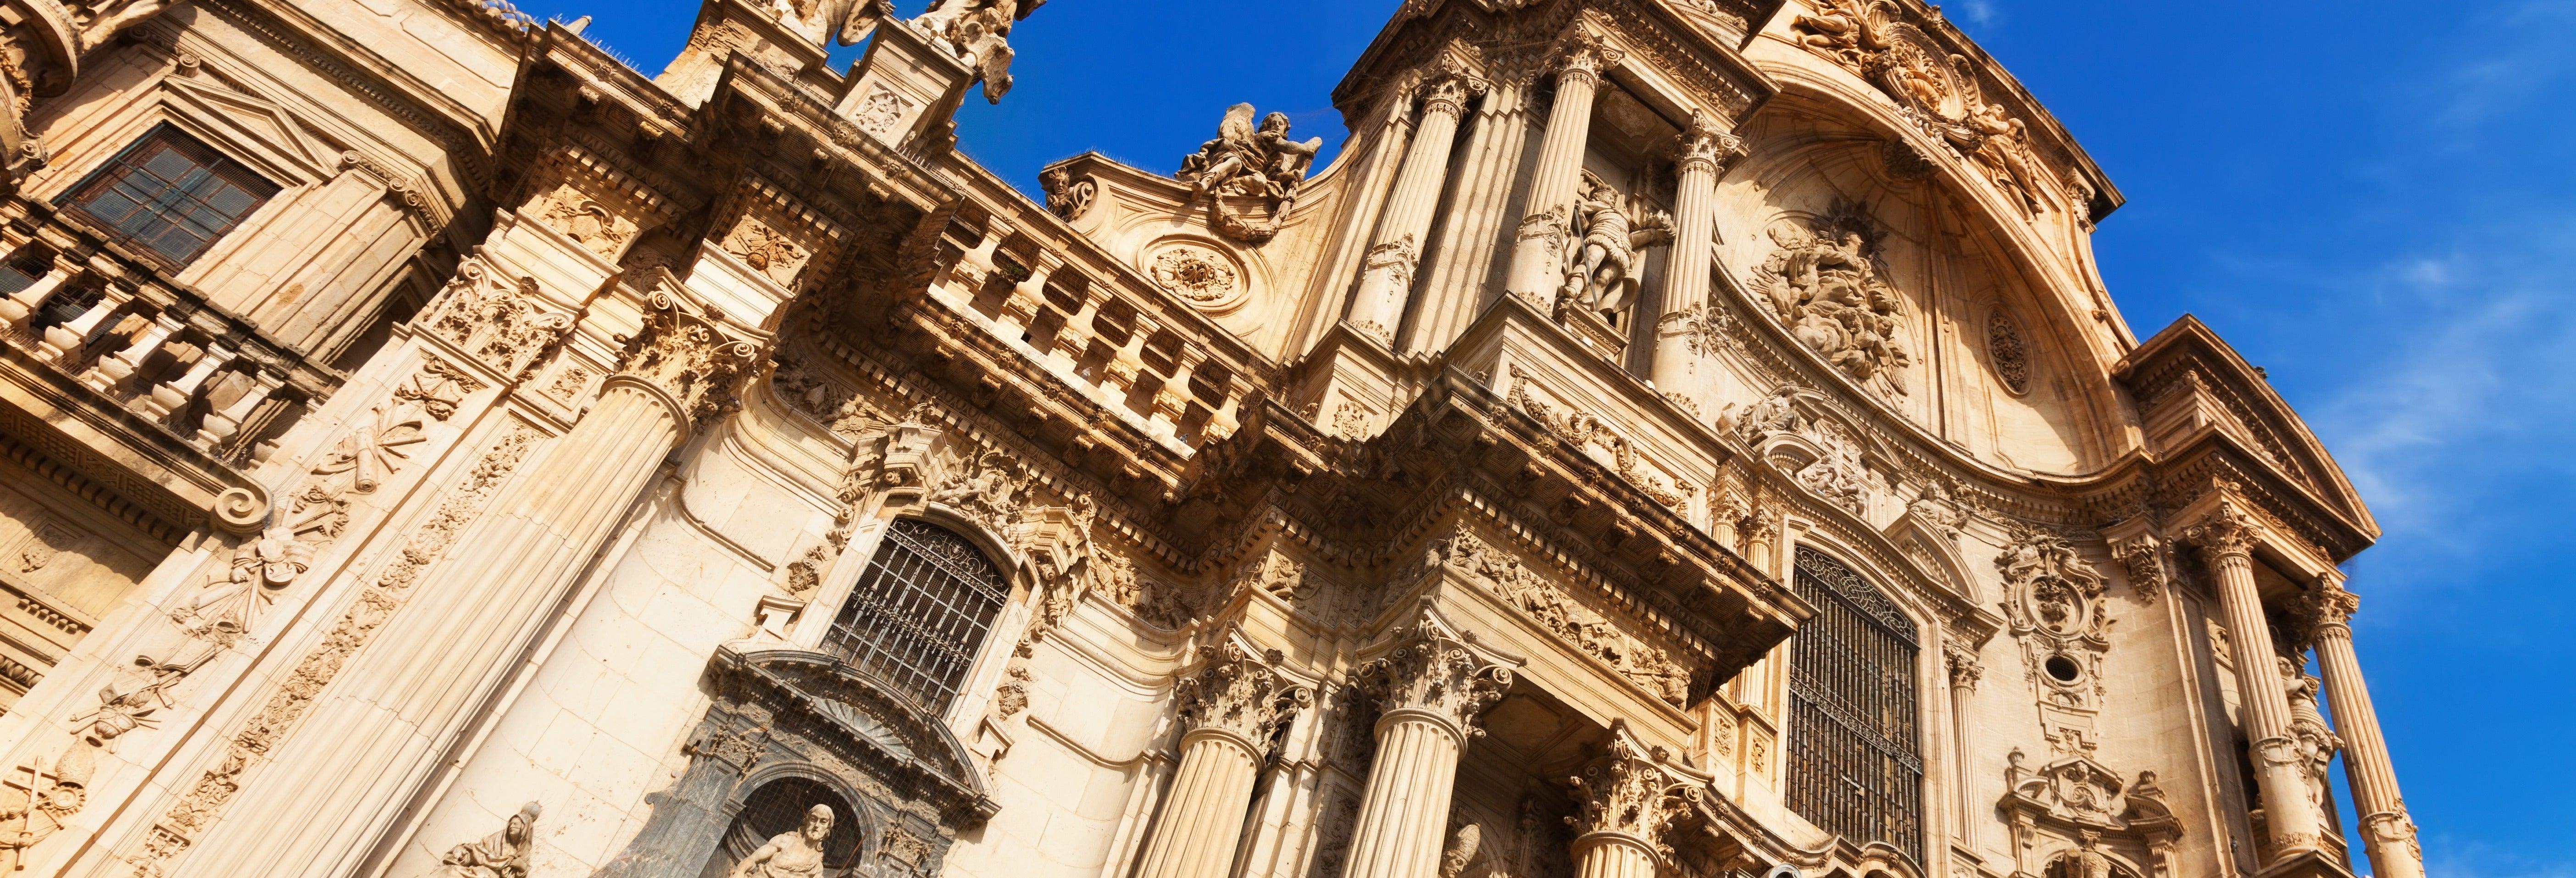 Visita guiada por Múrcia + Catedral